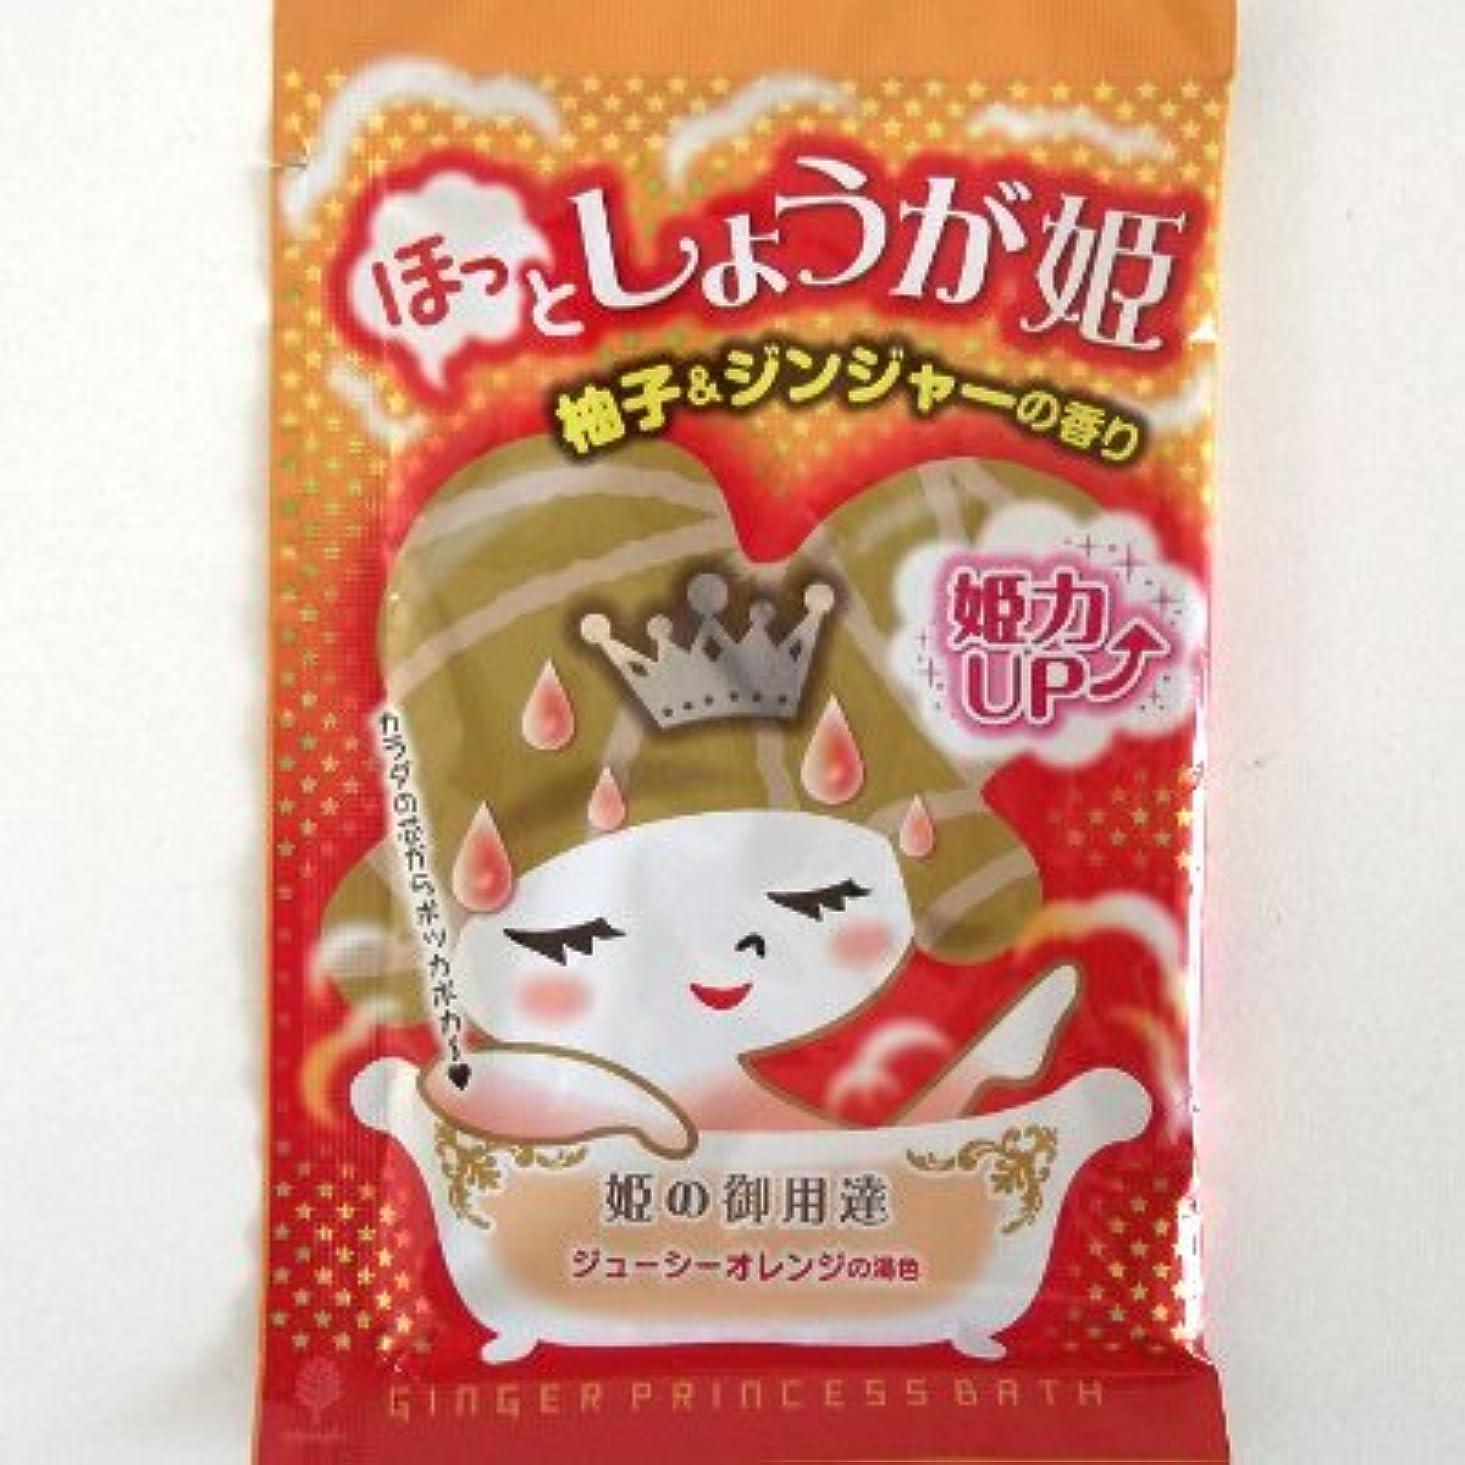 翻訳感謝祭禁止する紀陽除虫菊 ほっとしょうが姫 柚子&ジンジャーの香り【まとめ買い12個セット】 N-8400